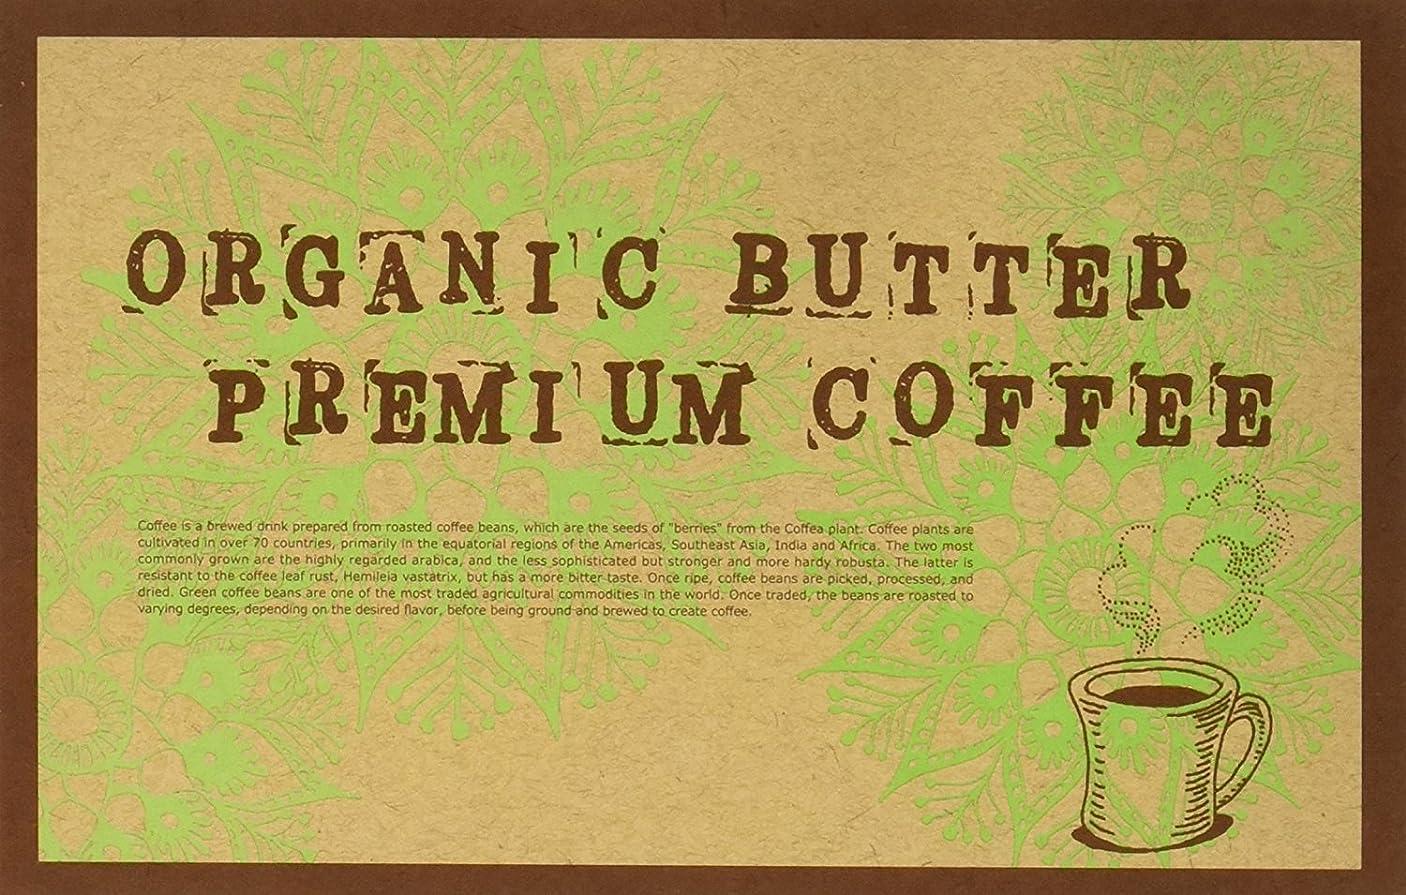 埋め込む時計スコア2ケ月分オーガニックバタープレミアムコーヒー 2個セット